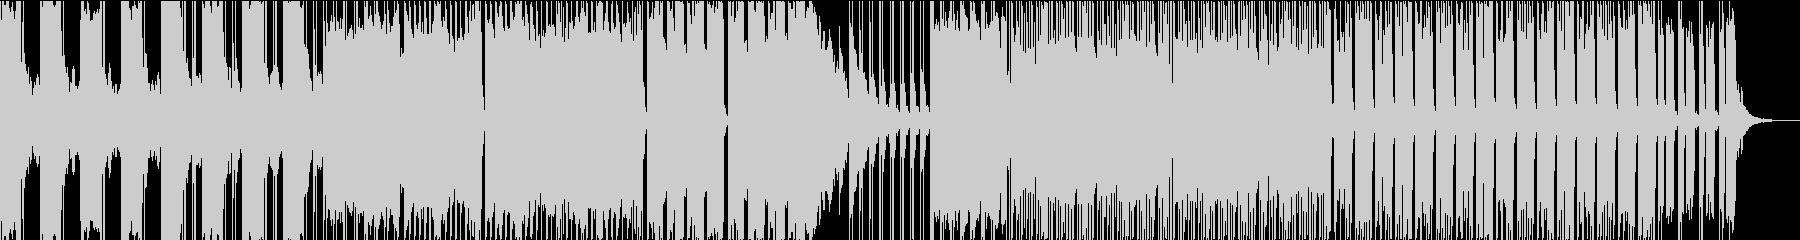 ダークで心臓音を使ったエレクトロの未再生の波形